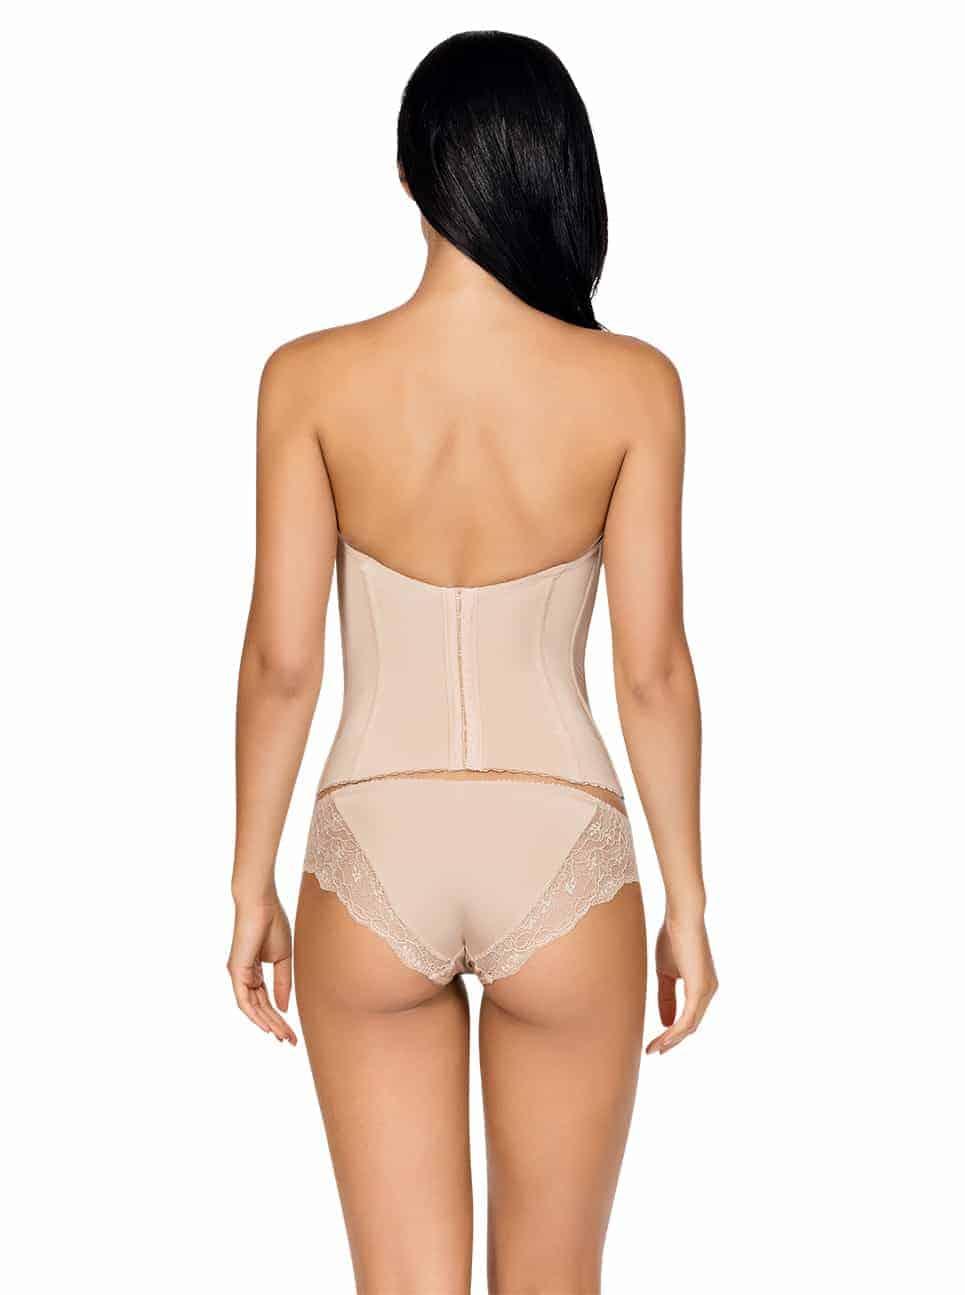 67d043047f ... Elissa Low BackBustierP5017 BikiniP5013 EuropeanNude Back - Elissa Low-Back  Bustier - Nude - P5017 ...